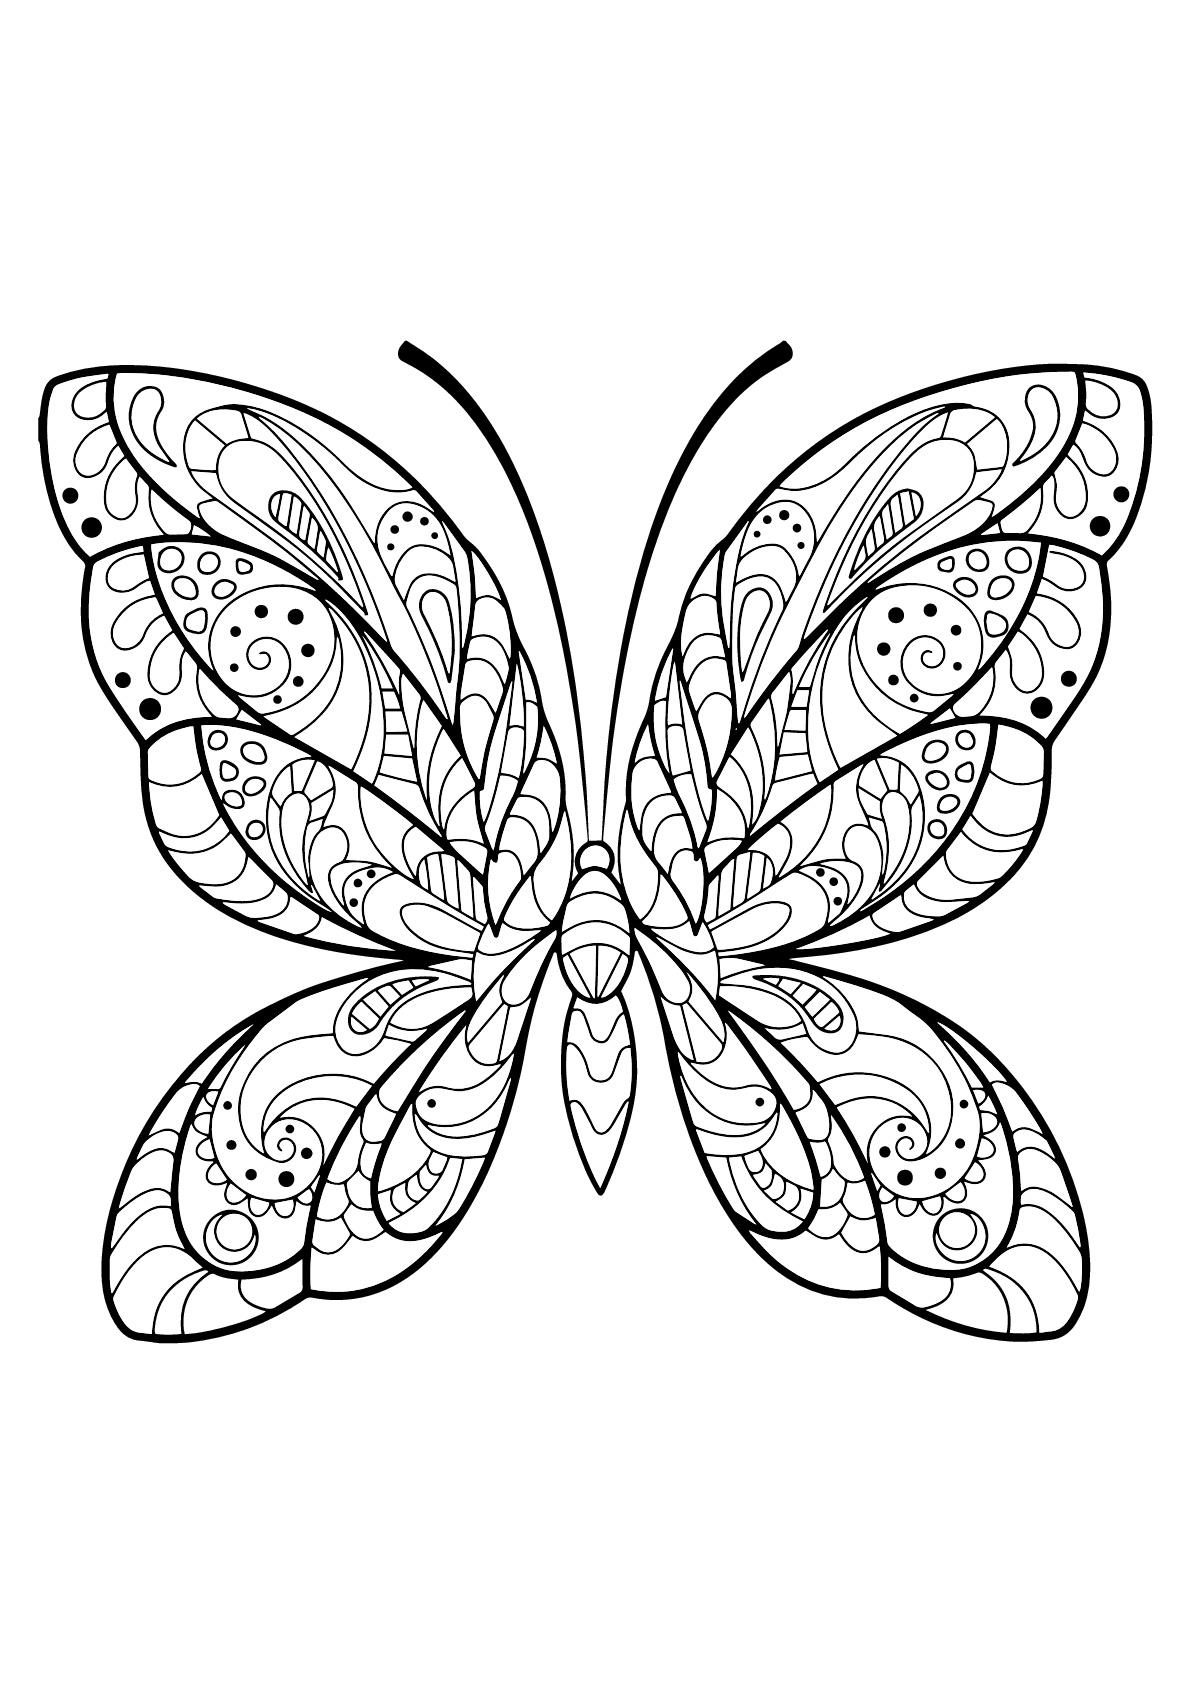 Image de Papillons à imprimer et colorier - Coloriage de ...